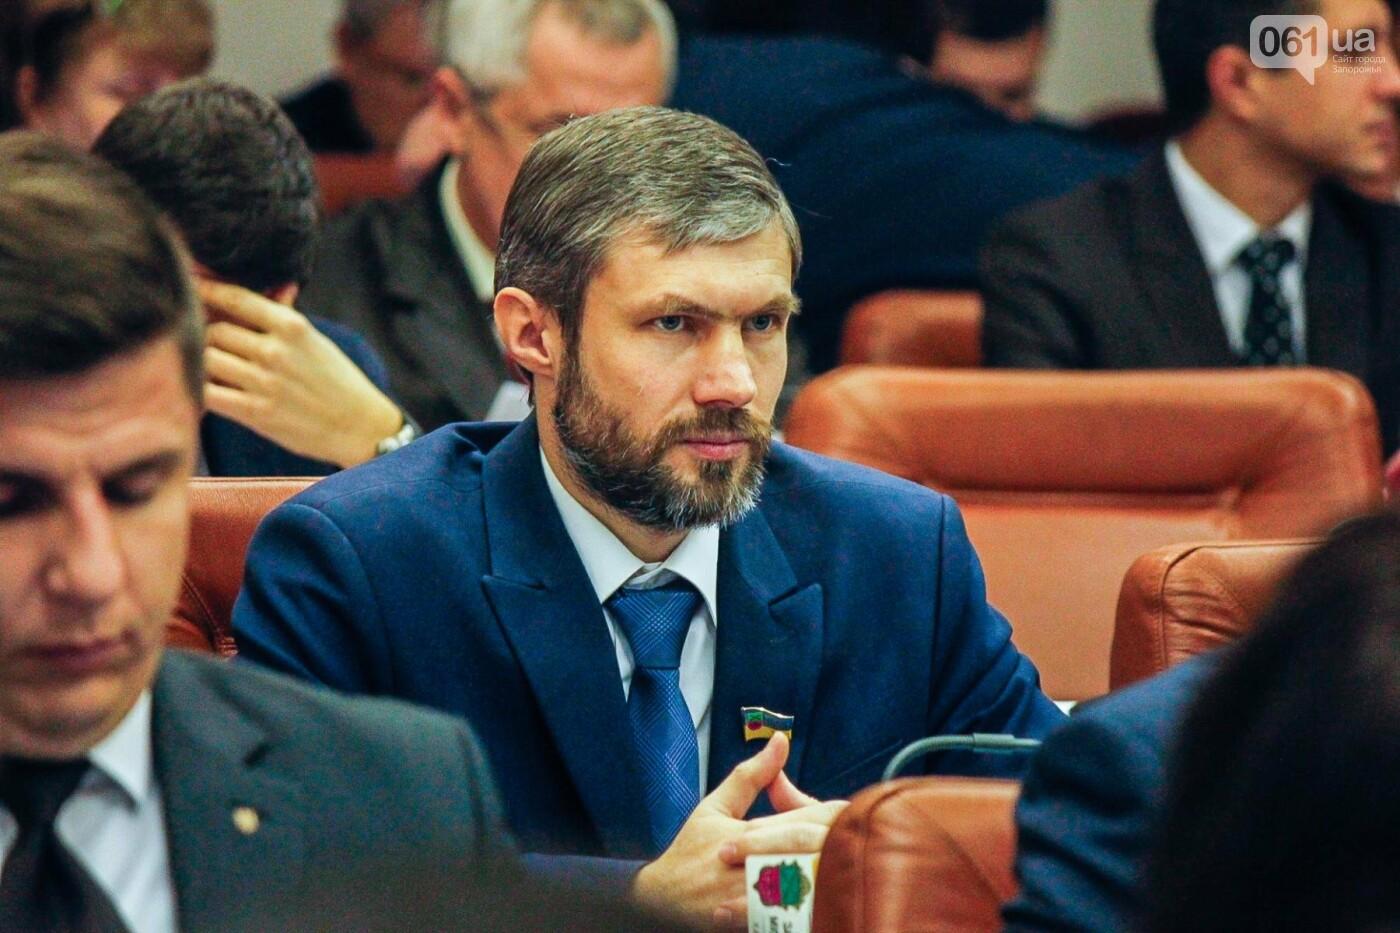 Сессия запорожского горсовета в лицах, - ФОТОРЕПОРТАЖ, фото-60